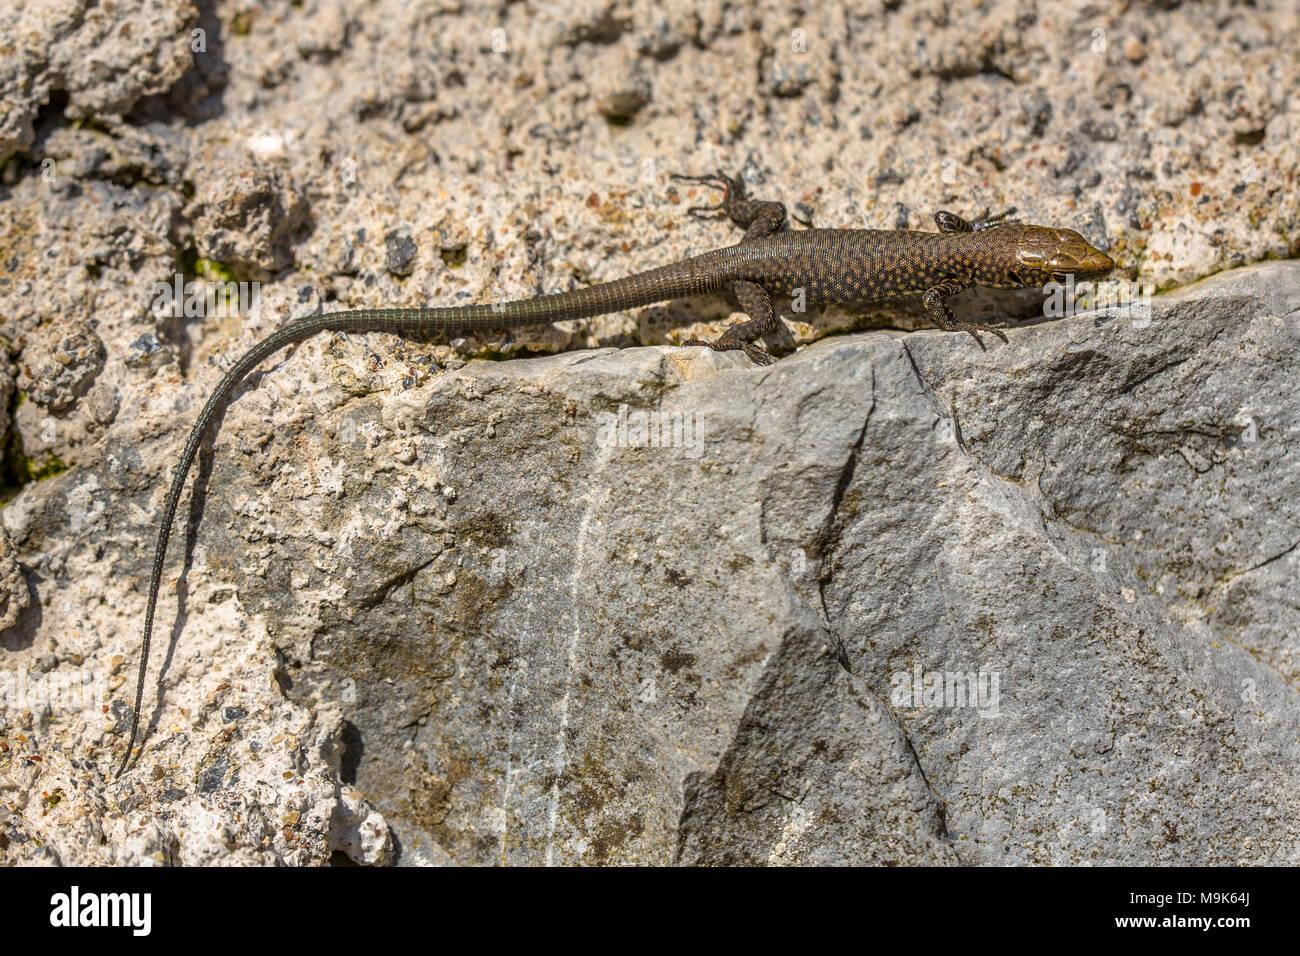 Griechische rock Lizard (Lacerta graeca) auf stein Wand Stockbild